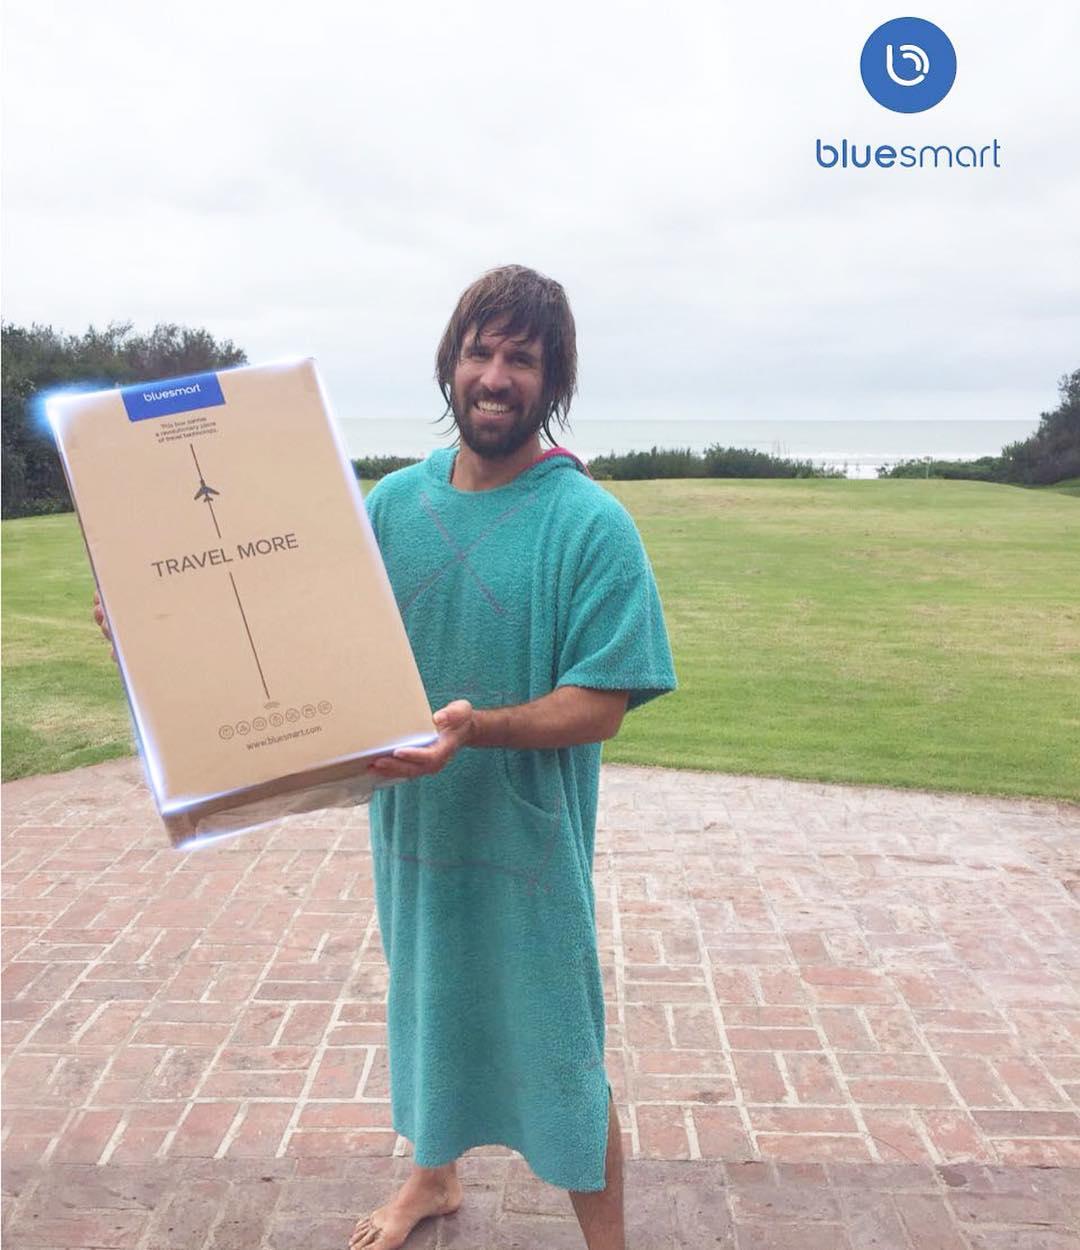 Llego BLUE SMART a Argentina! Nosotros ya tenemos la nuestra!!! Ideal para surftrips ☄